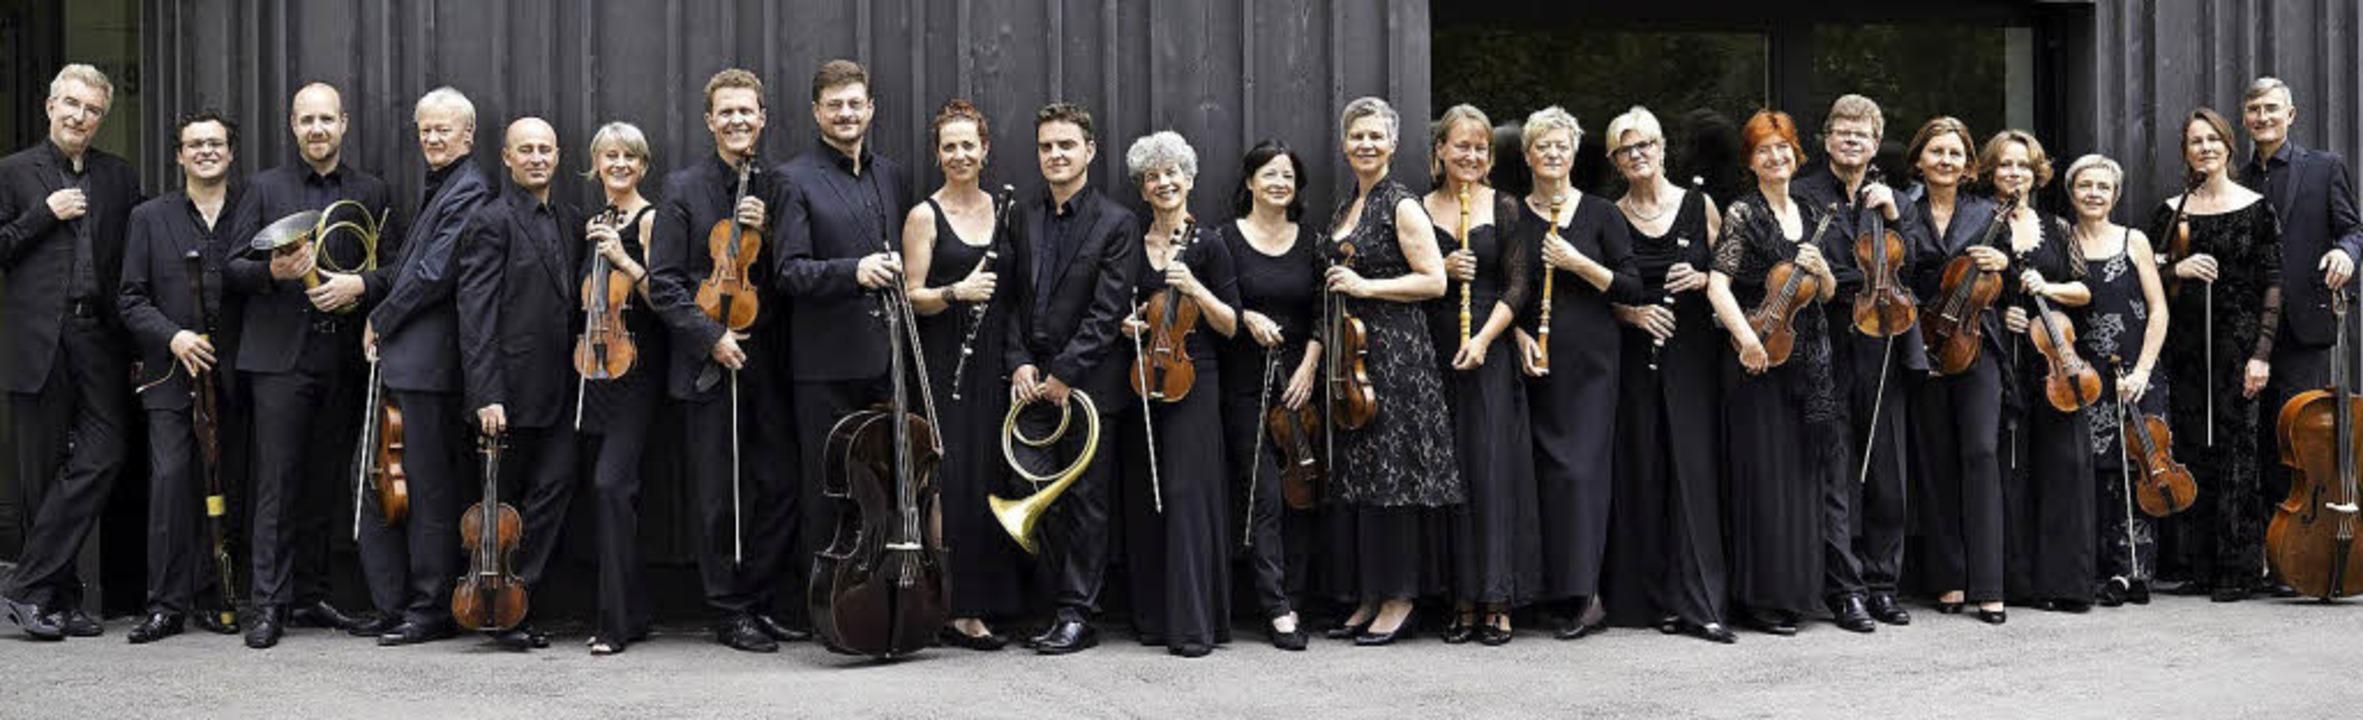 Das Freiburger Barockorchester widmet sich auch der Vorklassik und der Klassik.  | Foto: A. van der Vegt